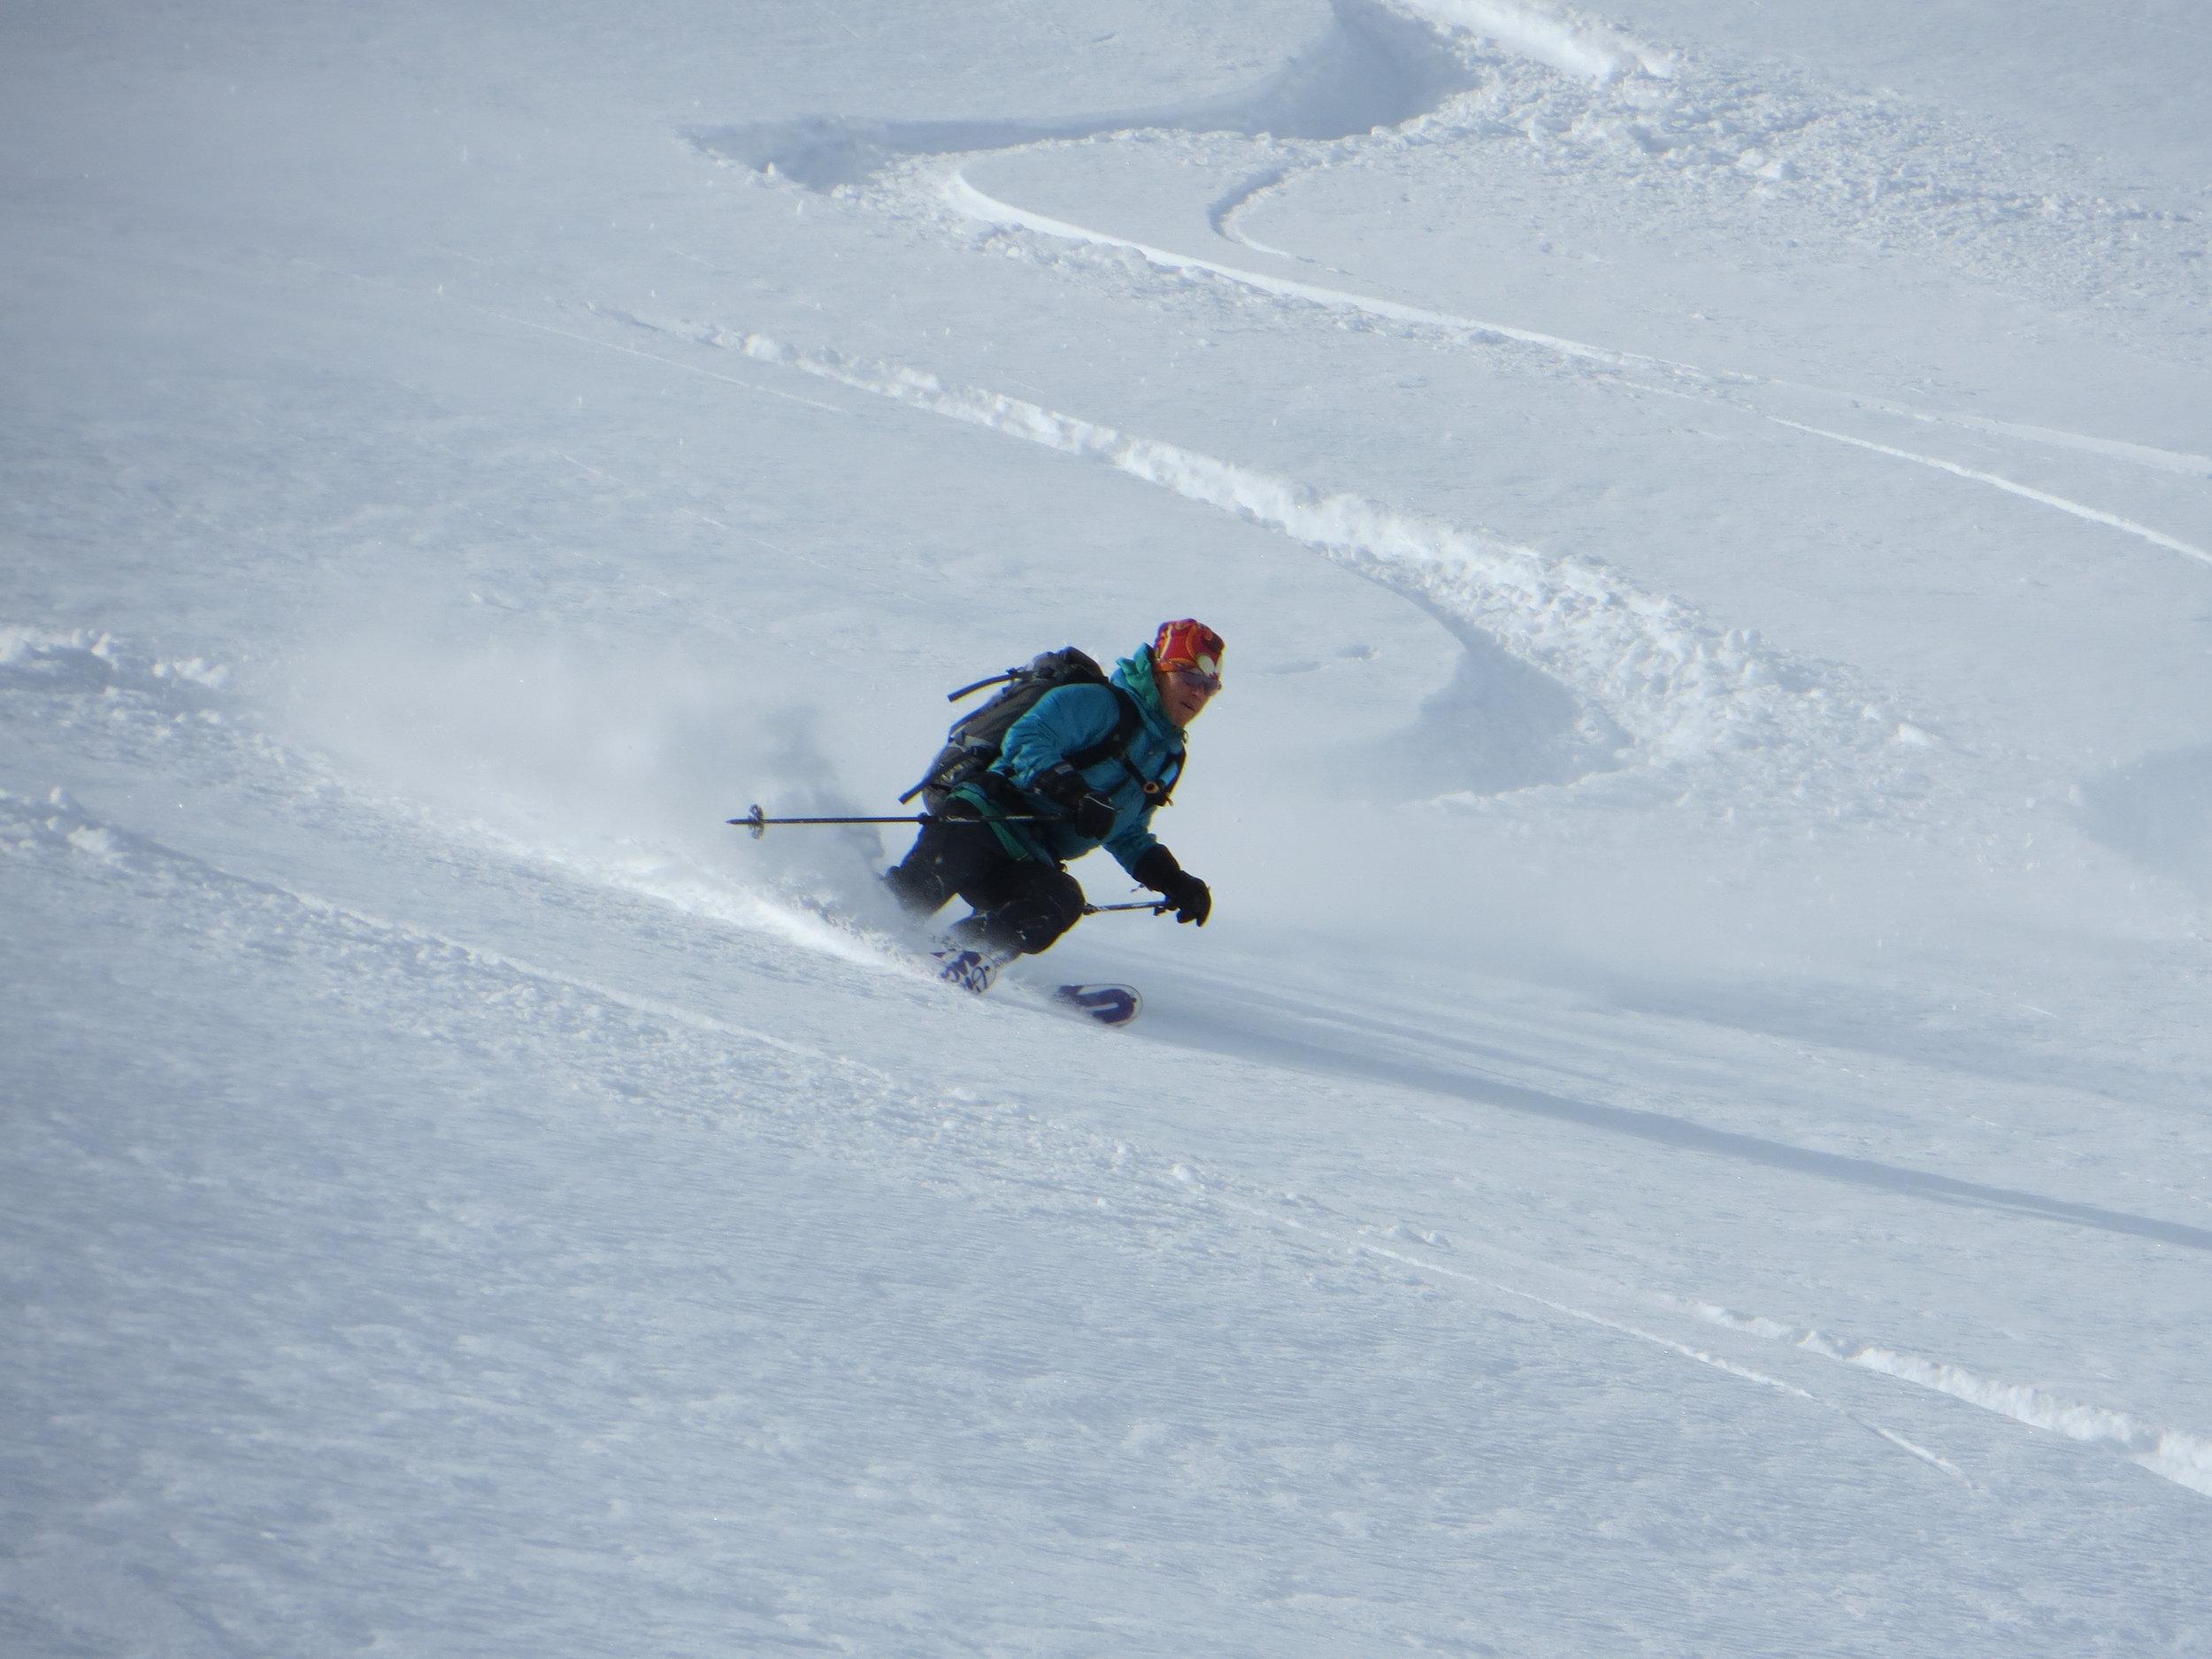 Jeannie Wall skiing Bozeman Montana powder